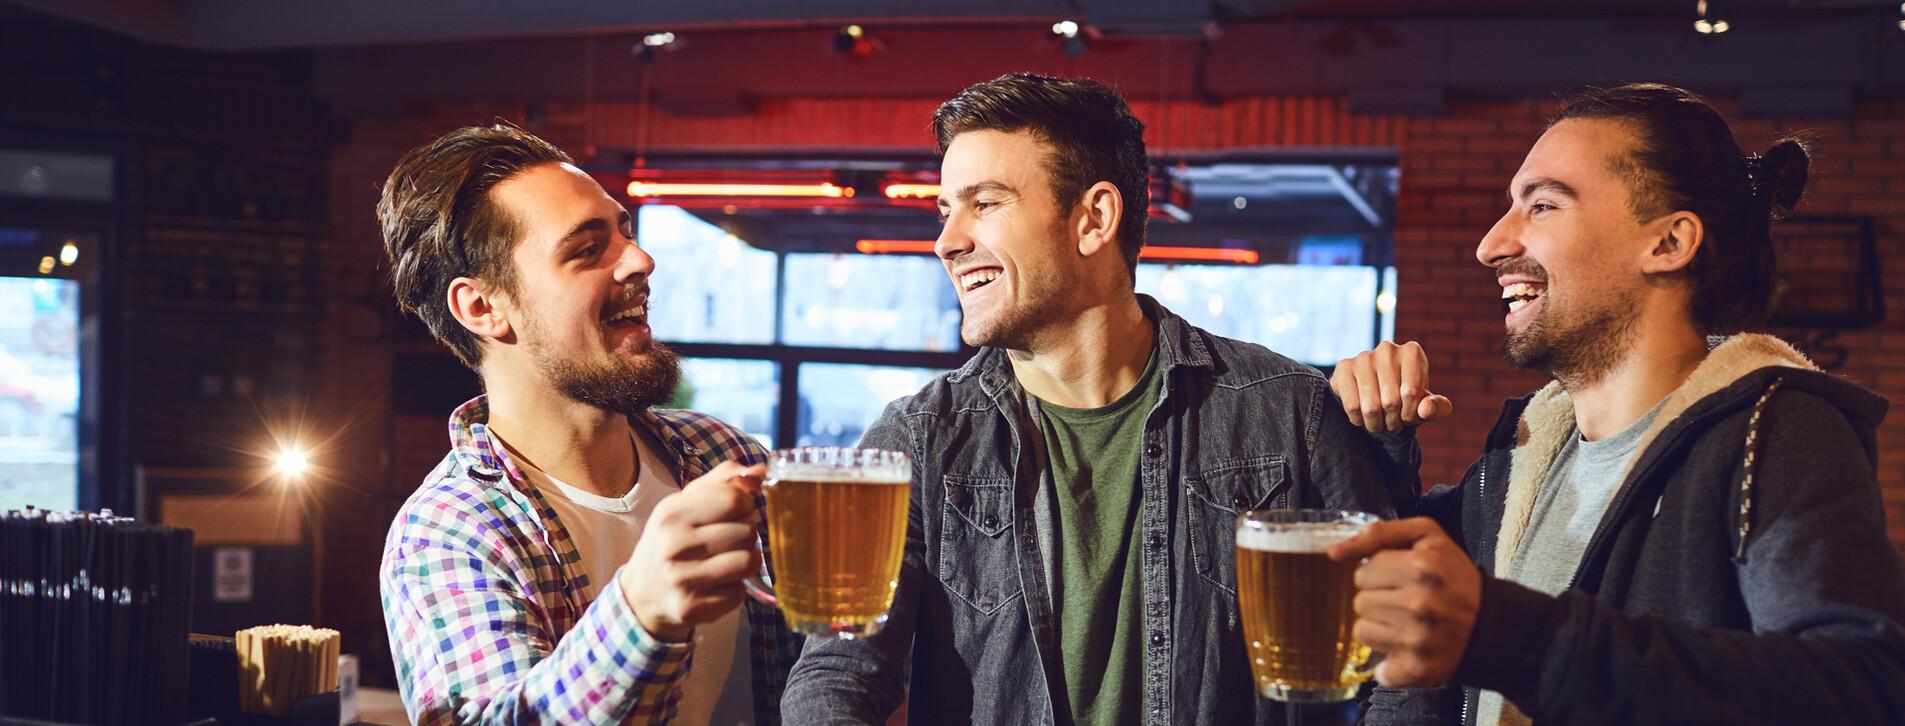 Фото - Дегустація крафтового пива для компанії